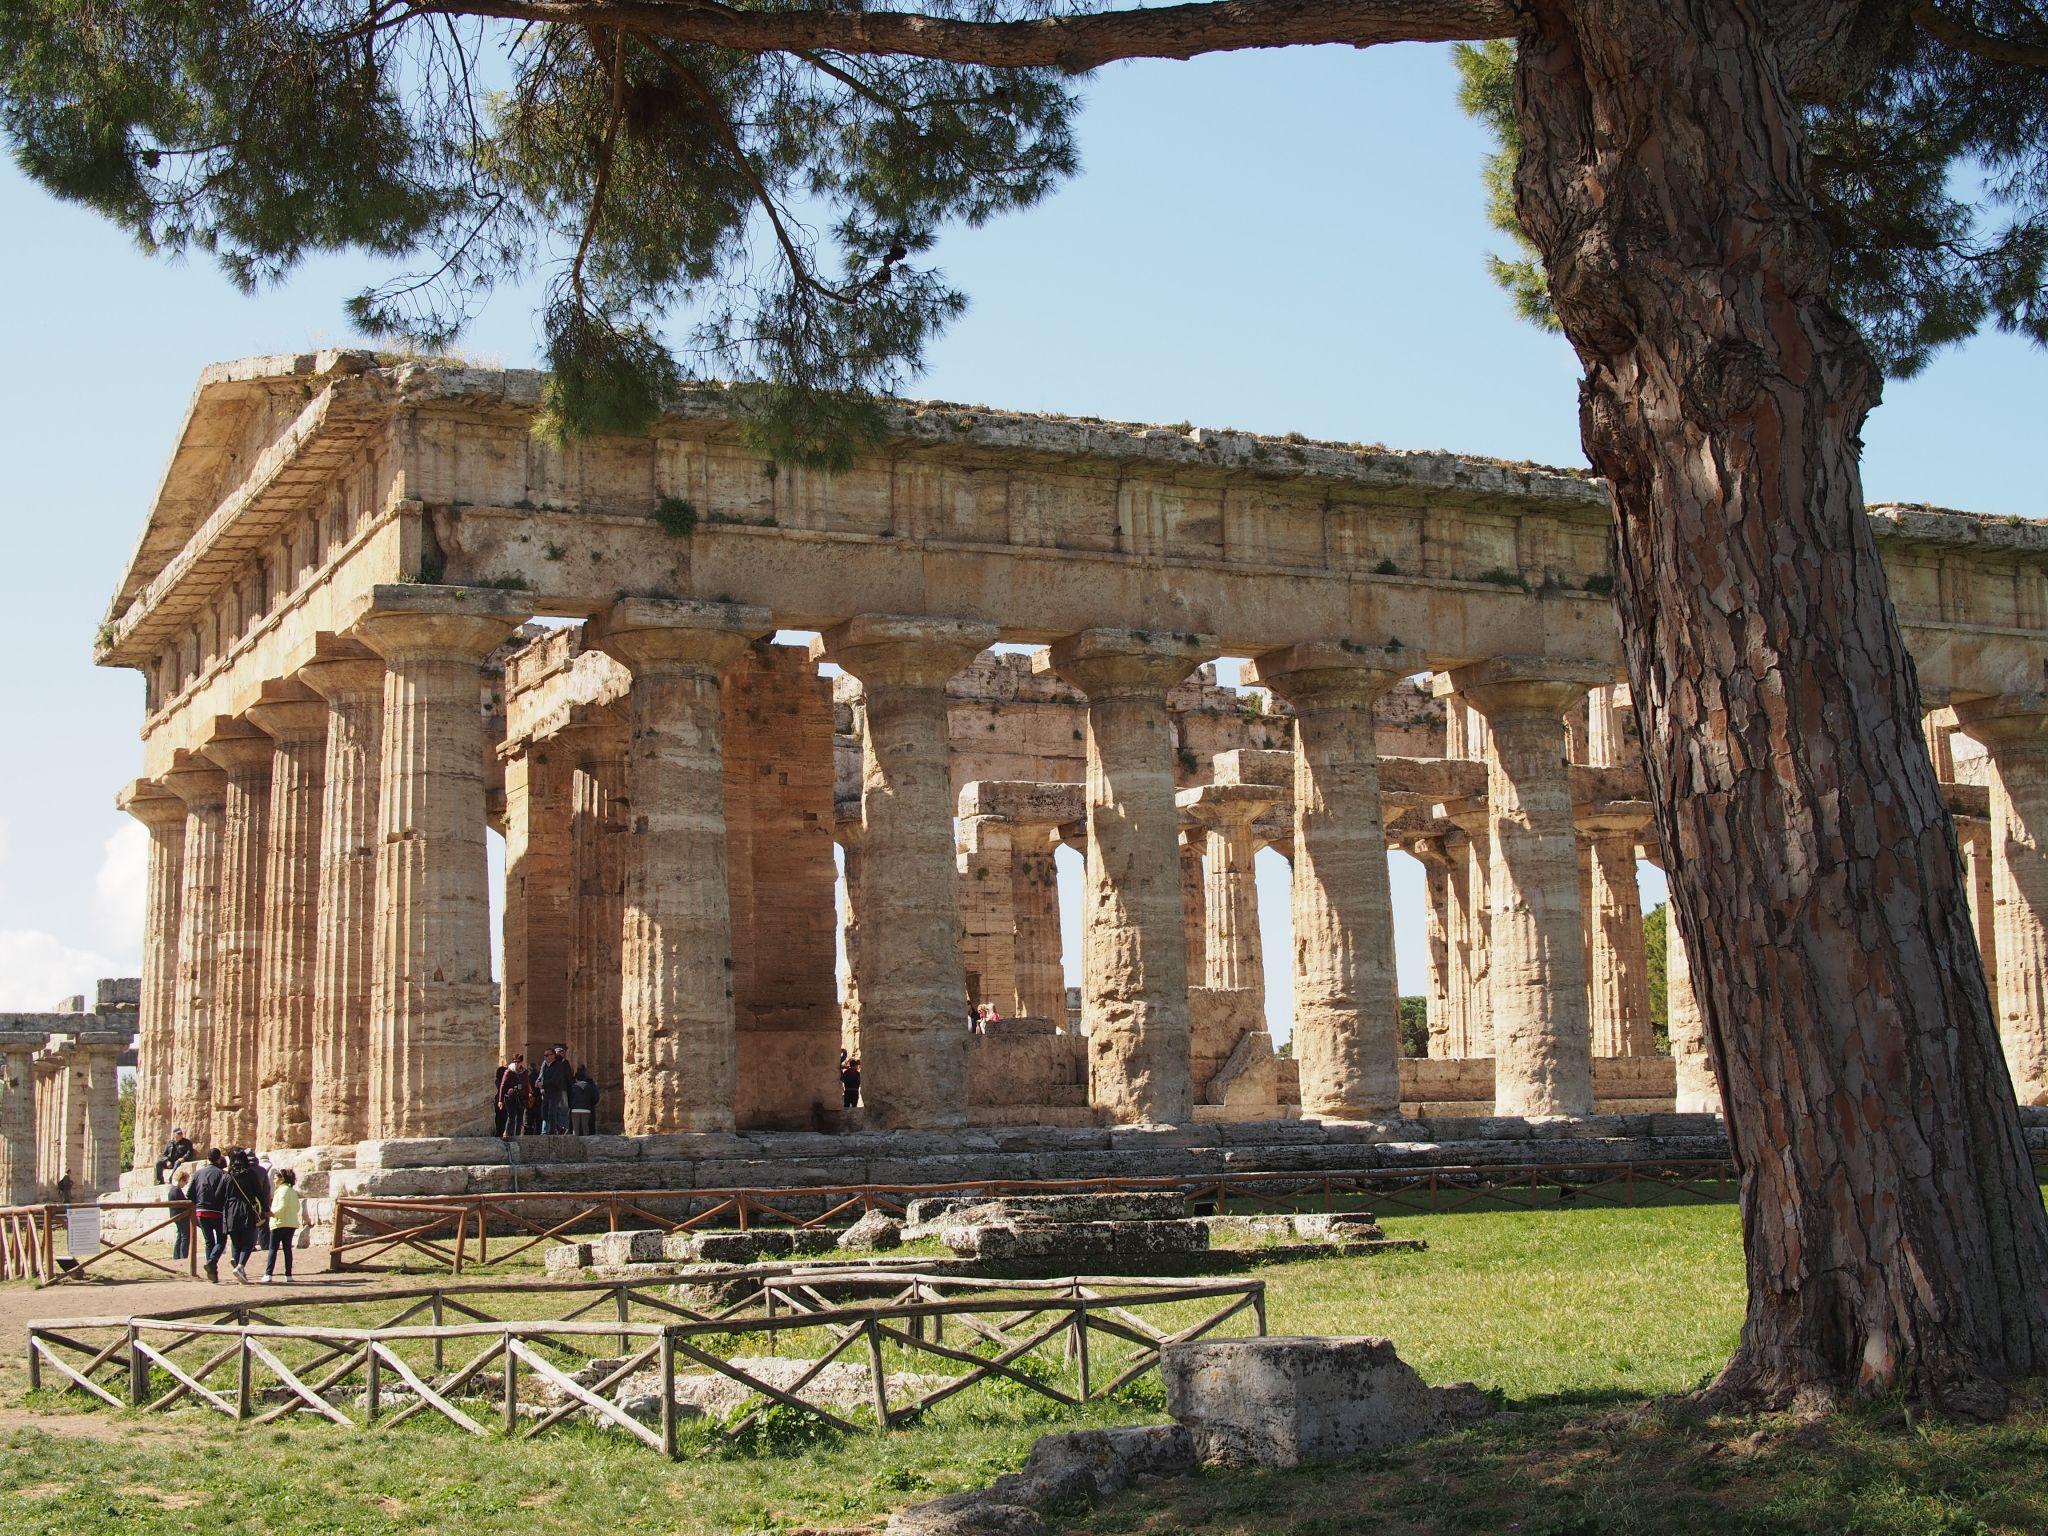 Ancient Ruins, Italy